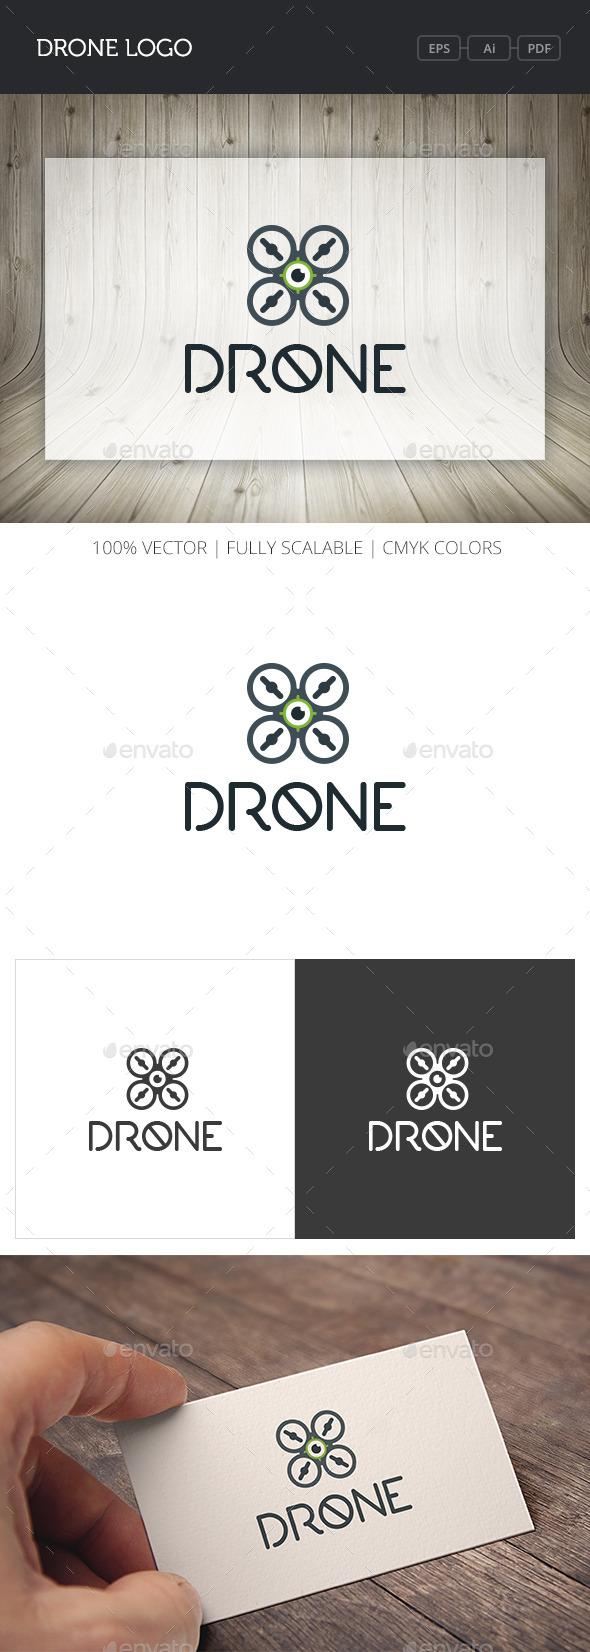 GraphicRiver Drone Logo 10966042